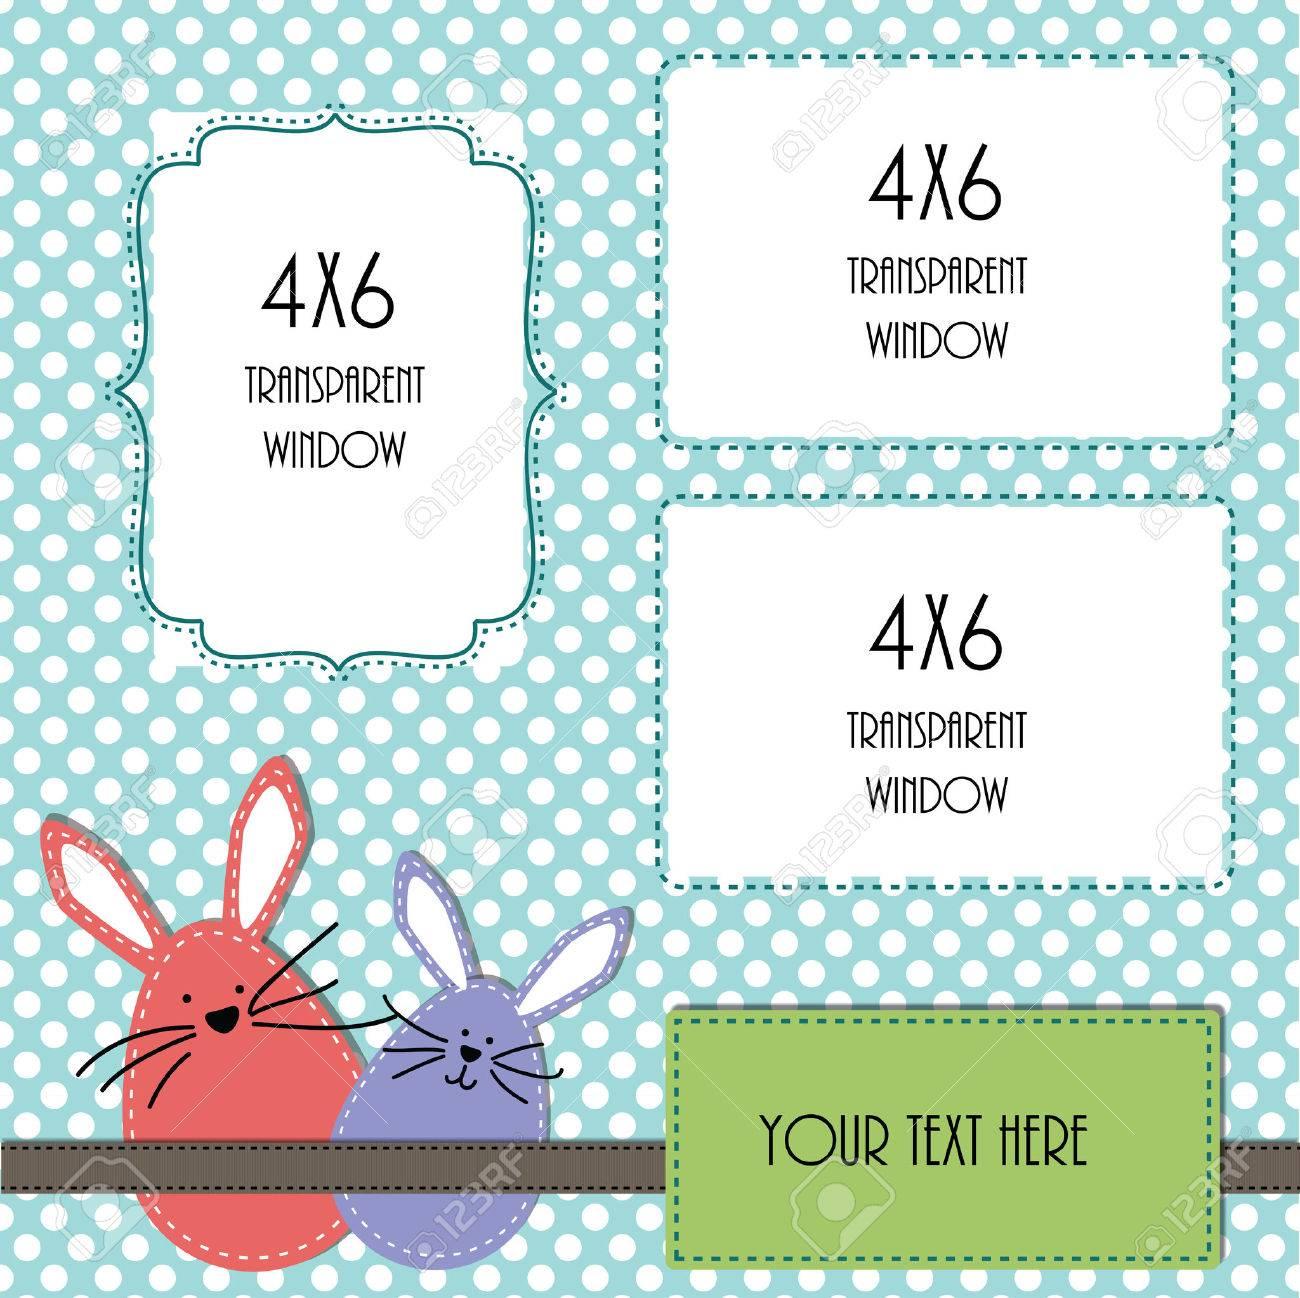 Ostern Design-Vorlage Mit Drei 4x6 Transparenten Rahmen Für Ihre ...